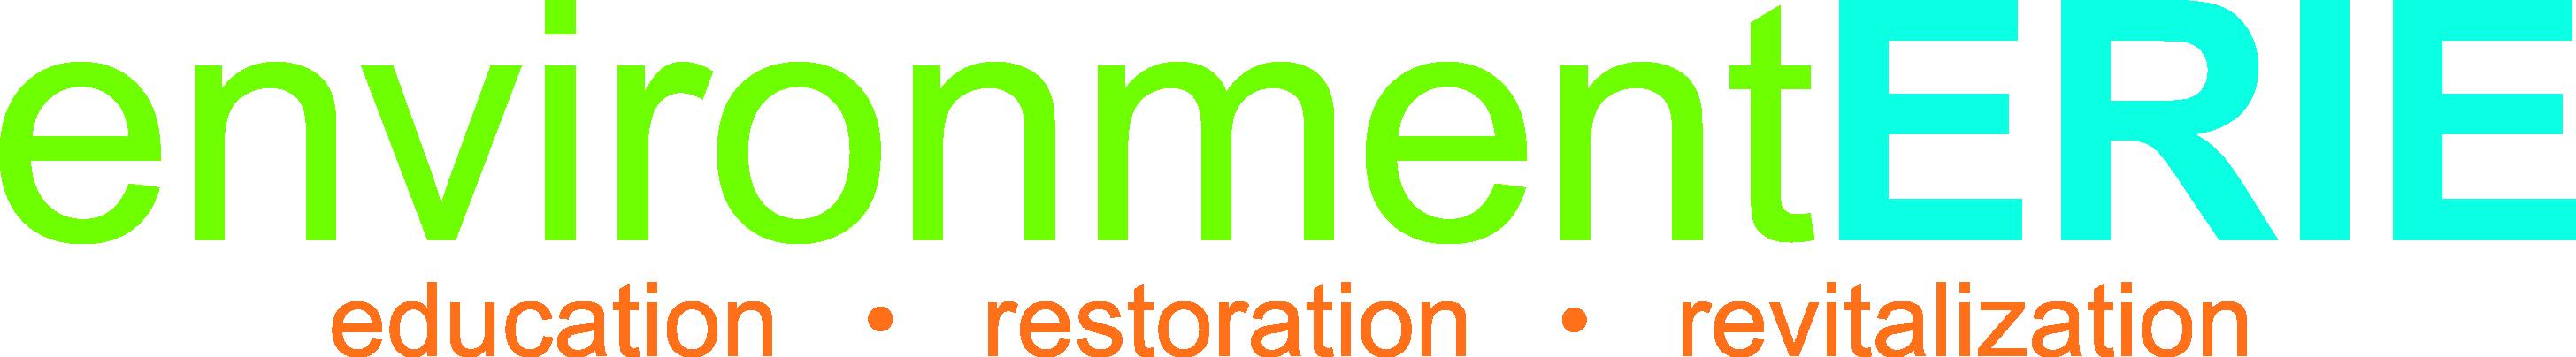 Environment Erie Logo